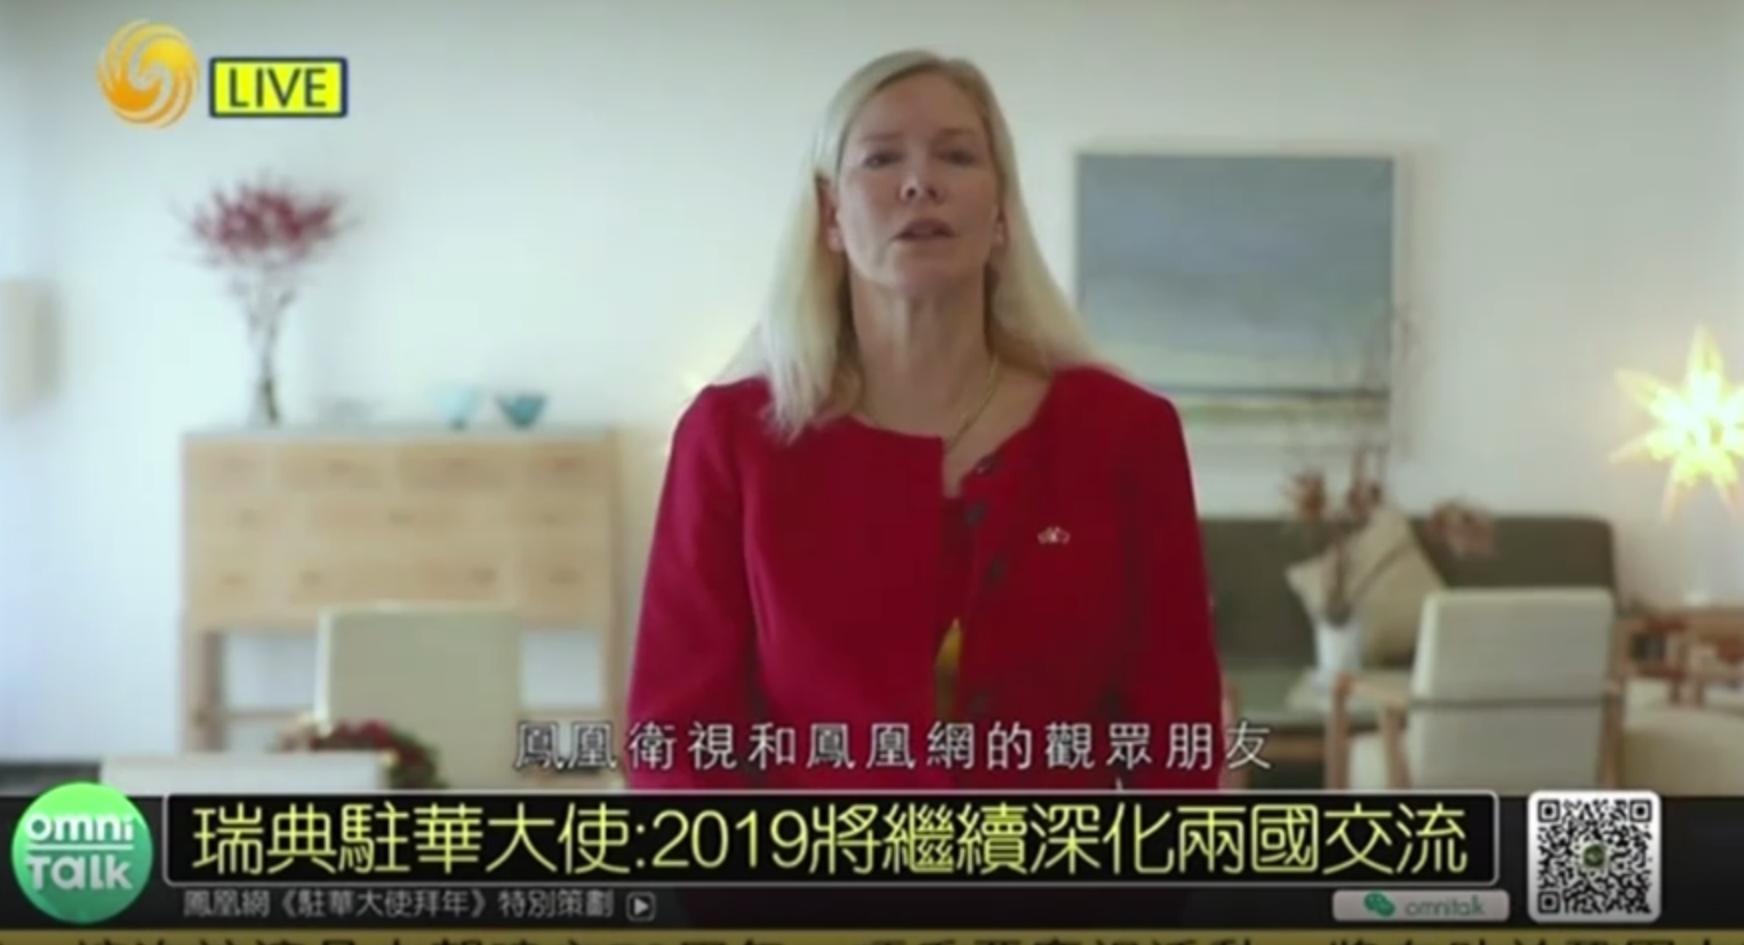 瑞典驻华大使:2019将继续深化两国交流